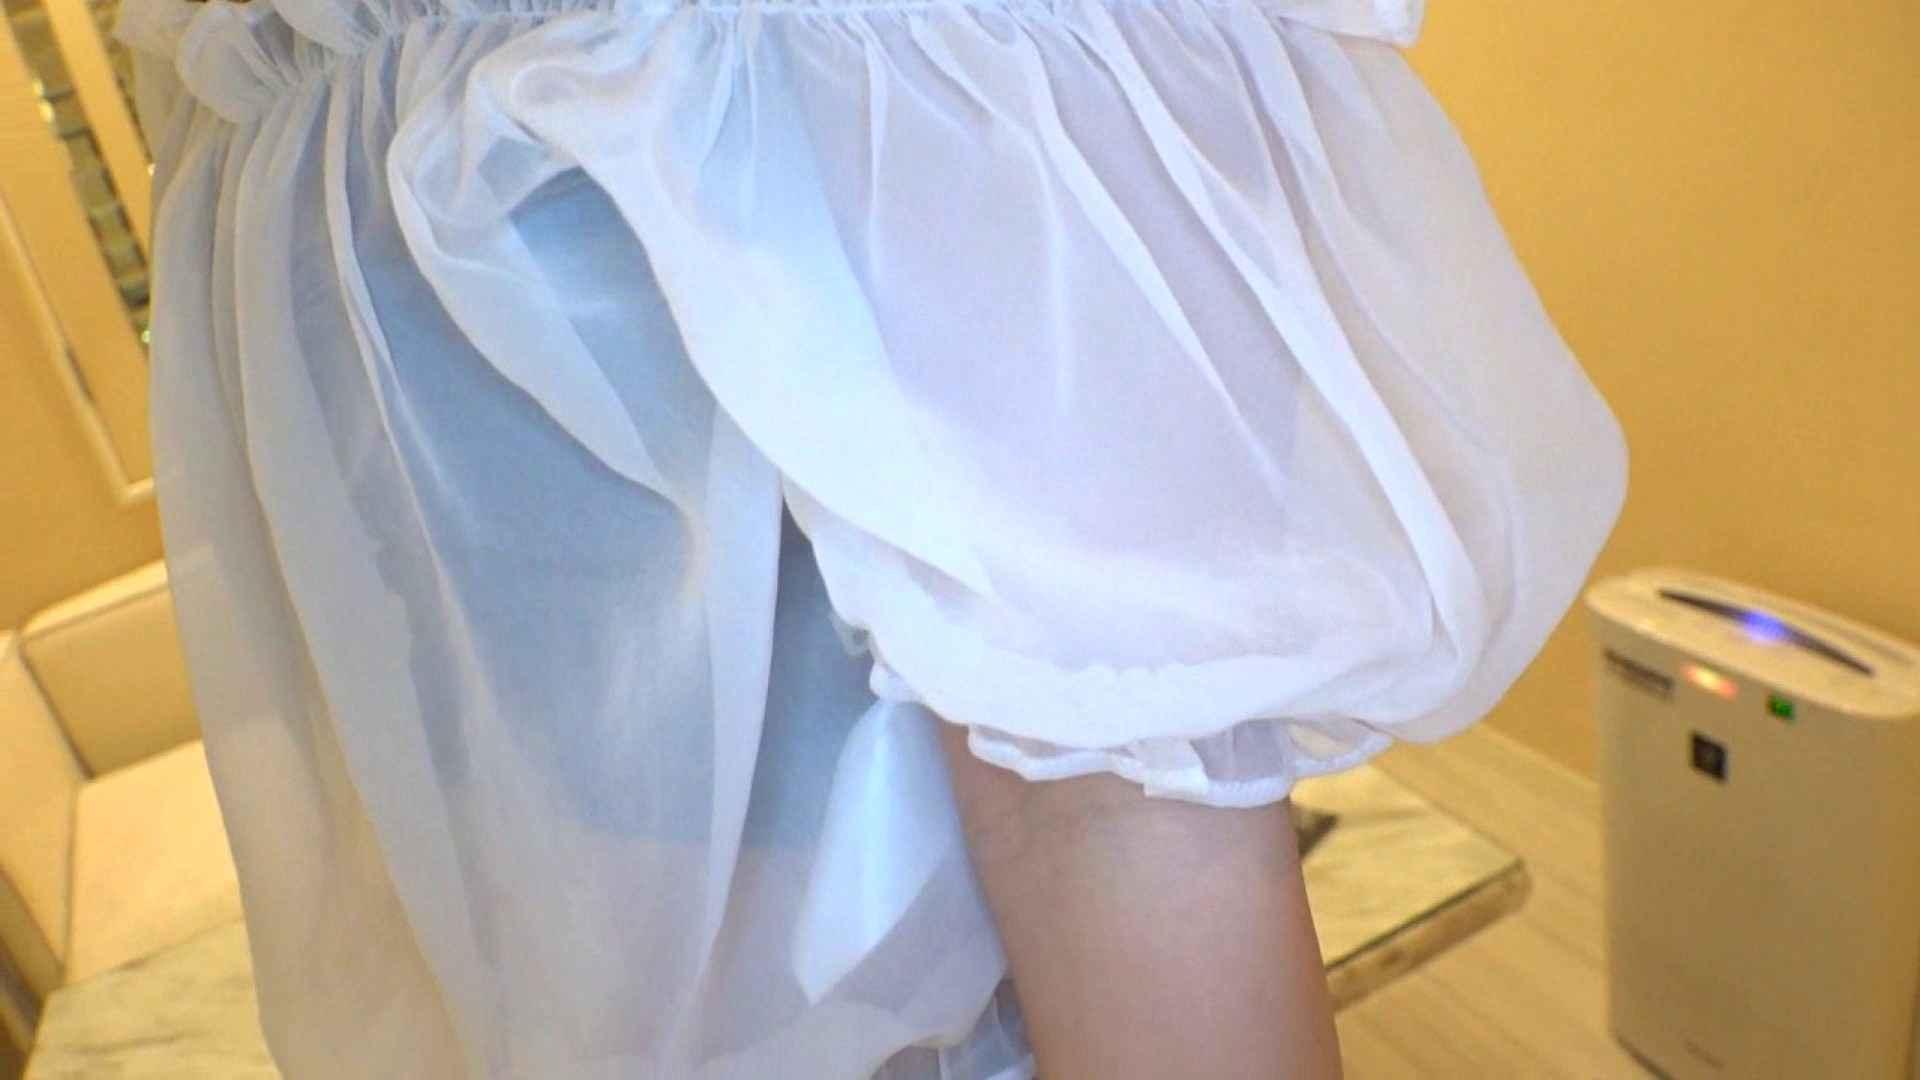 素人S級美女特選!小悪魔ギャル噂のビッチガールVol.33 前編 素人丸裸 オマンコ動画キャプチャ 104pic 15